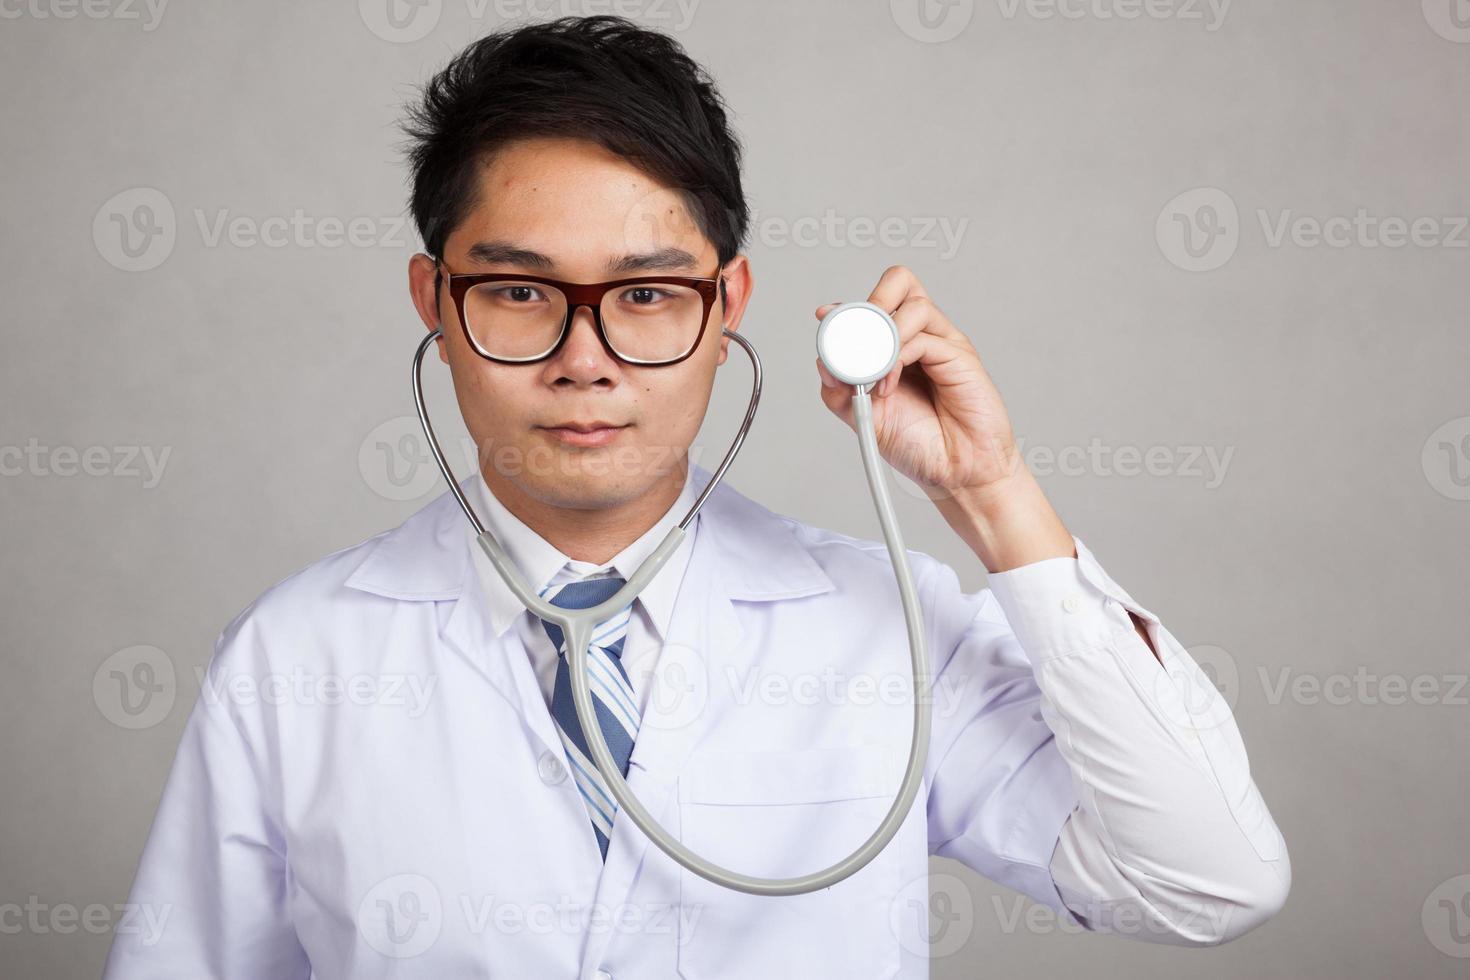 médico masculino asiático com estetoscópio foto